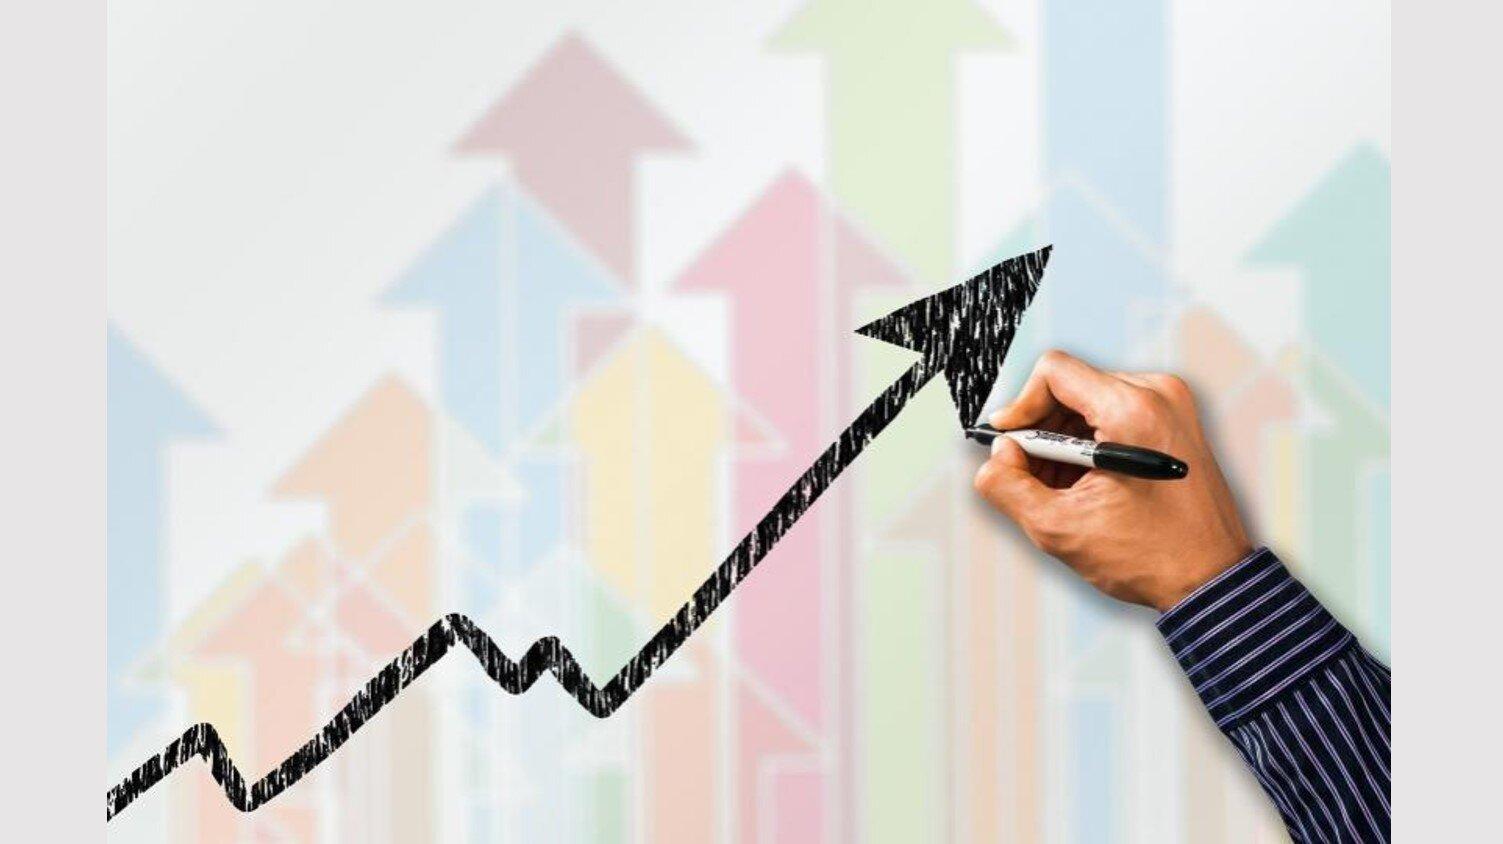 【ニュース】コロナ禍においても、収益成長速度が6倍のサブスクビジネス